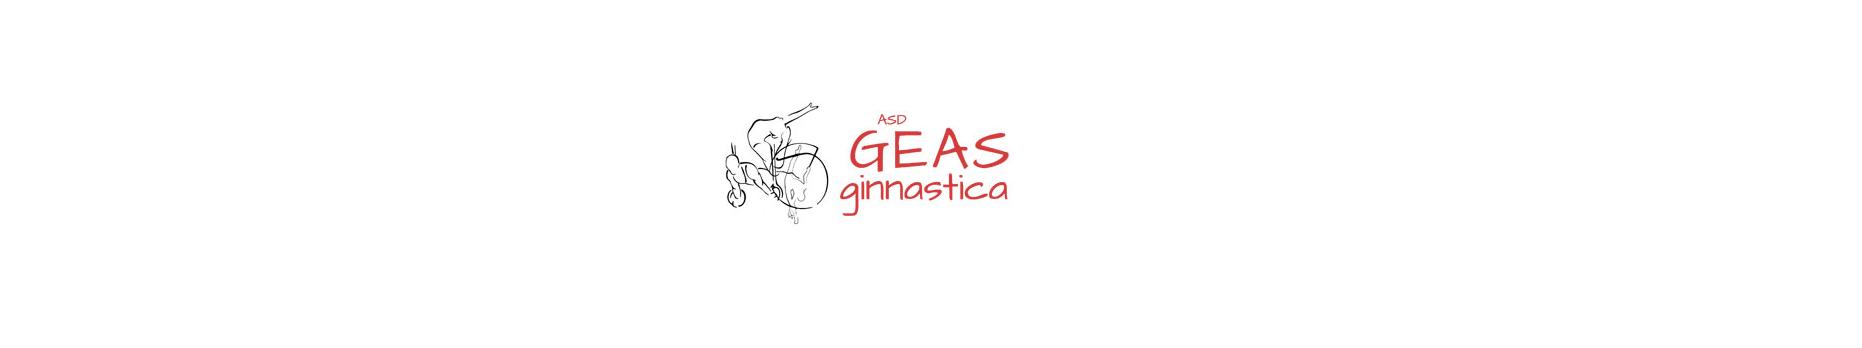 Associazione G.E.A.S. - Ginnastica artistica e ritmica - logo